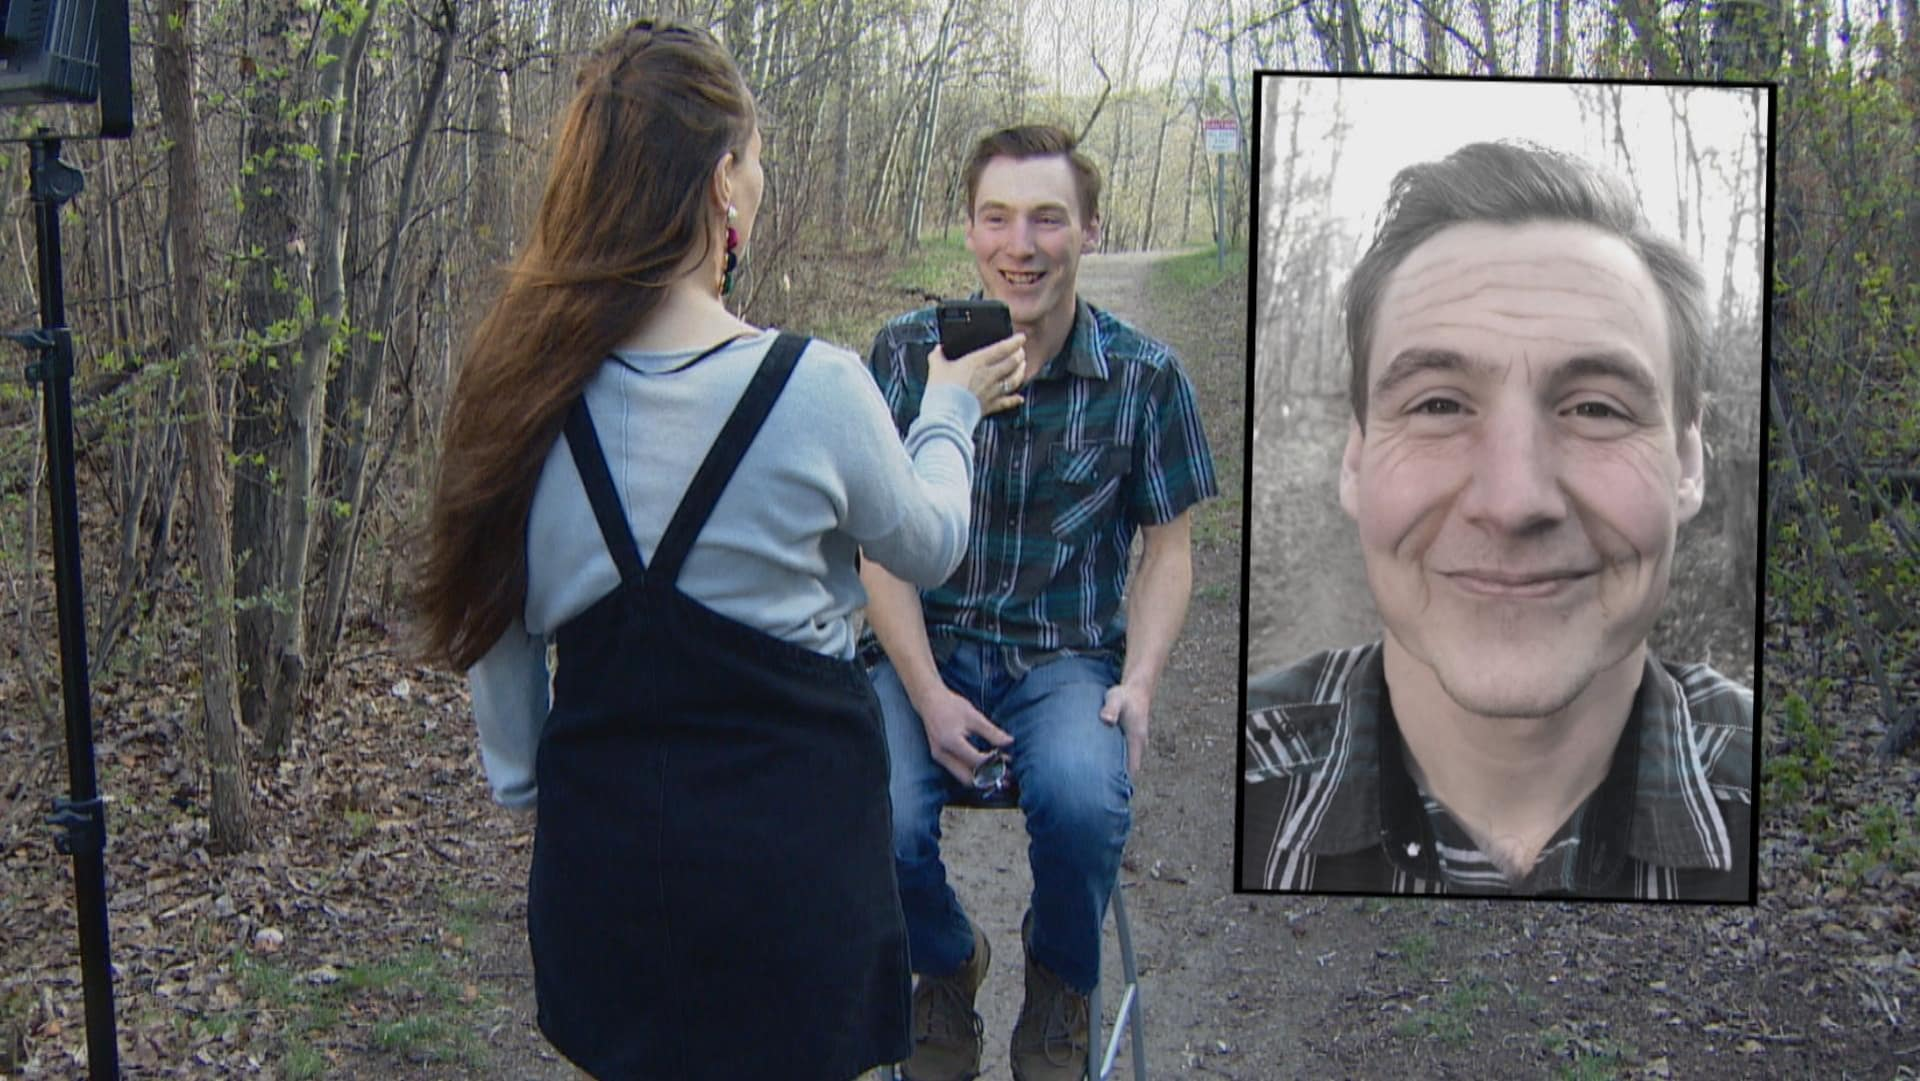 Une femme montre un téléphone cellulaire à un homme, dans la forêt.